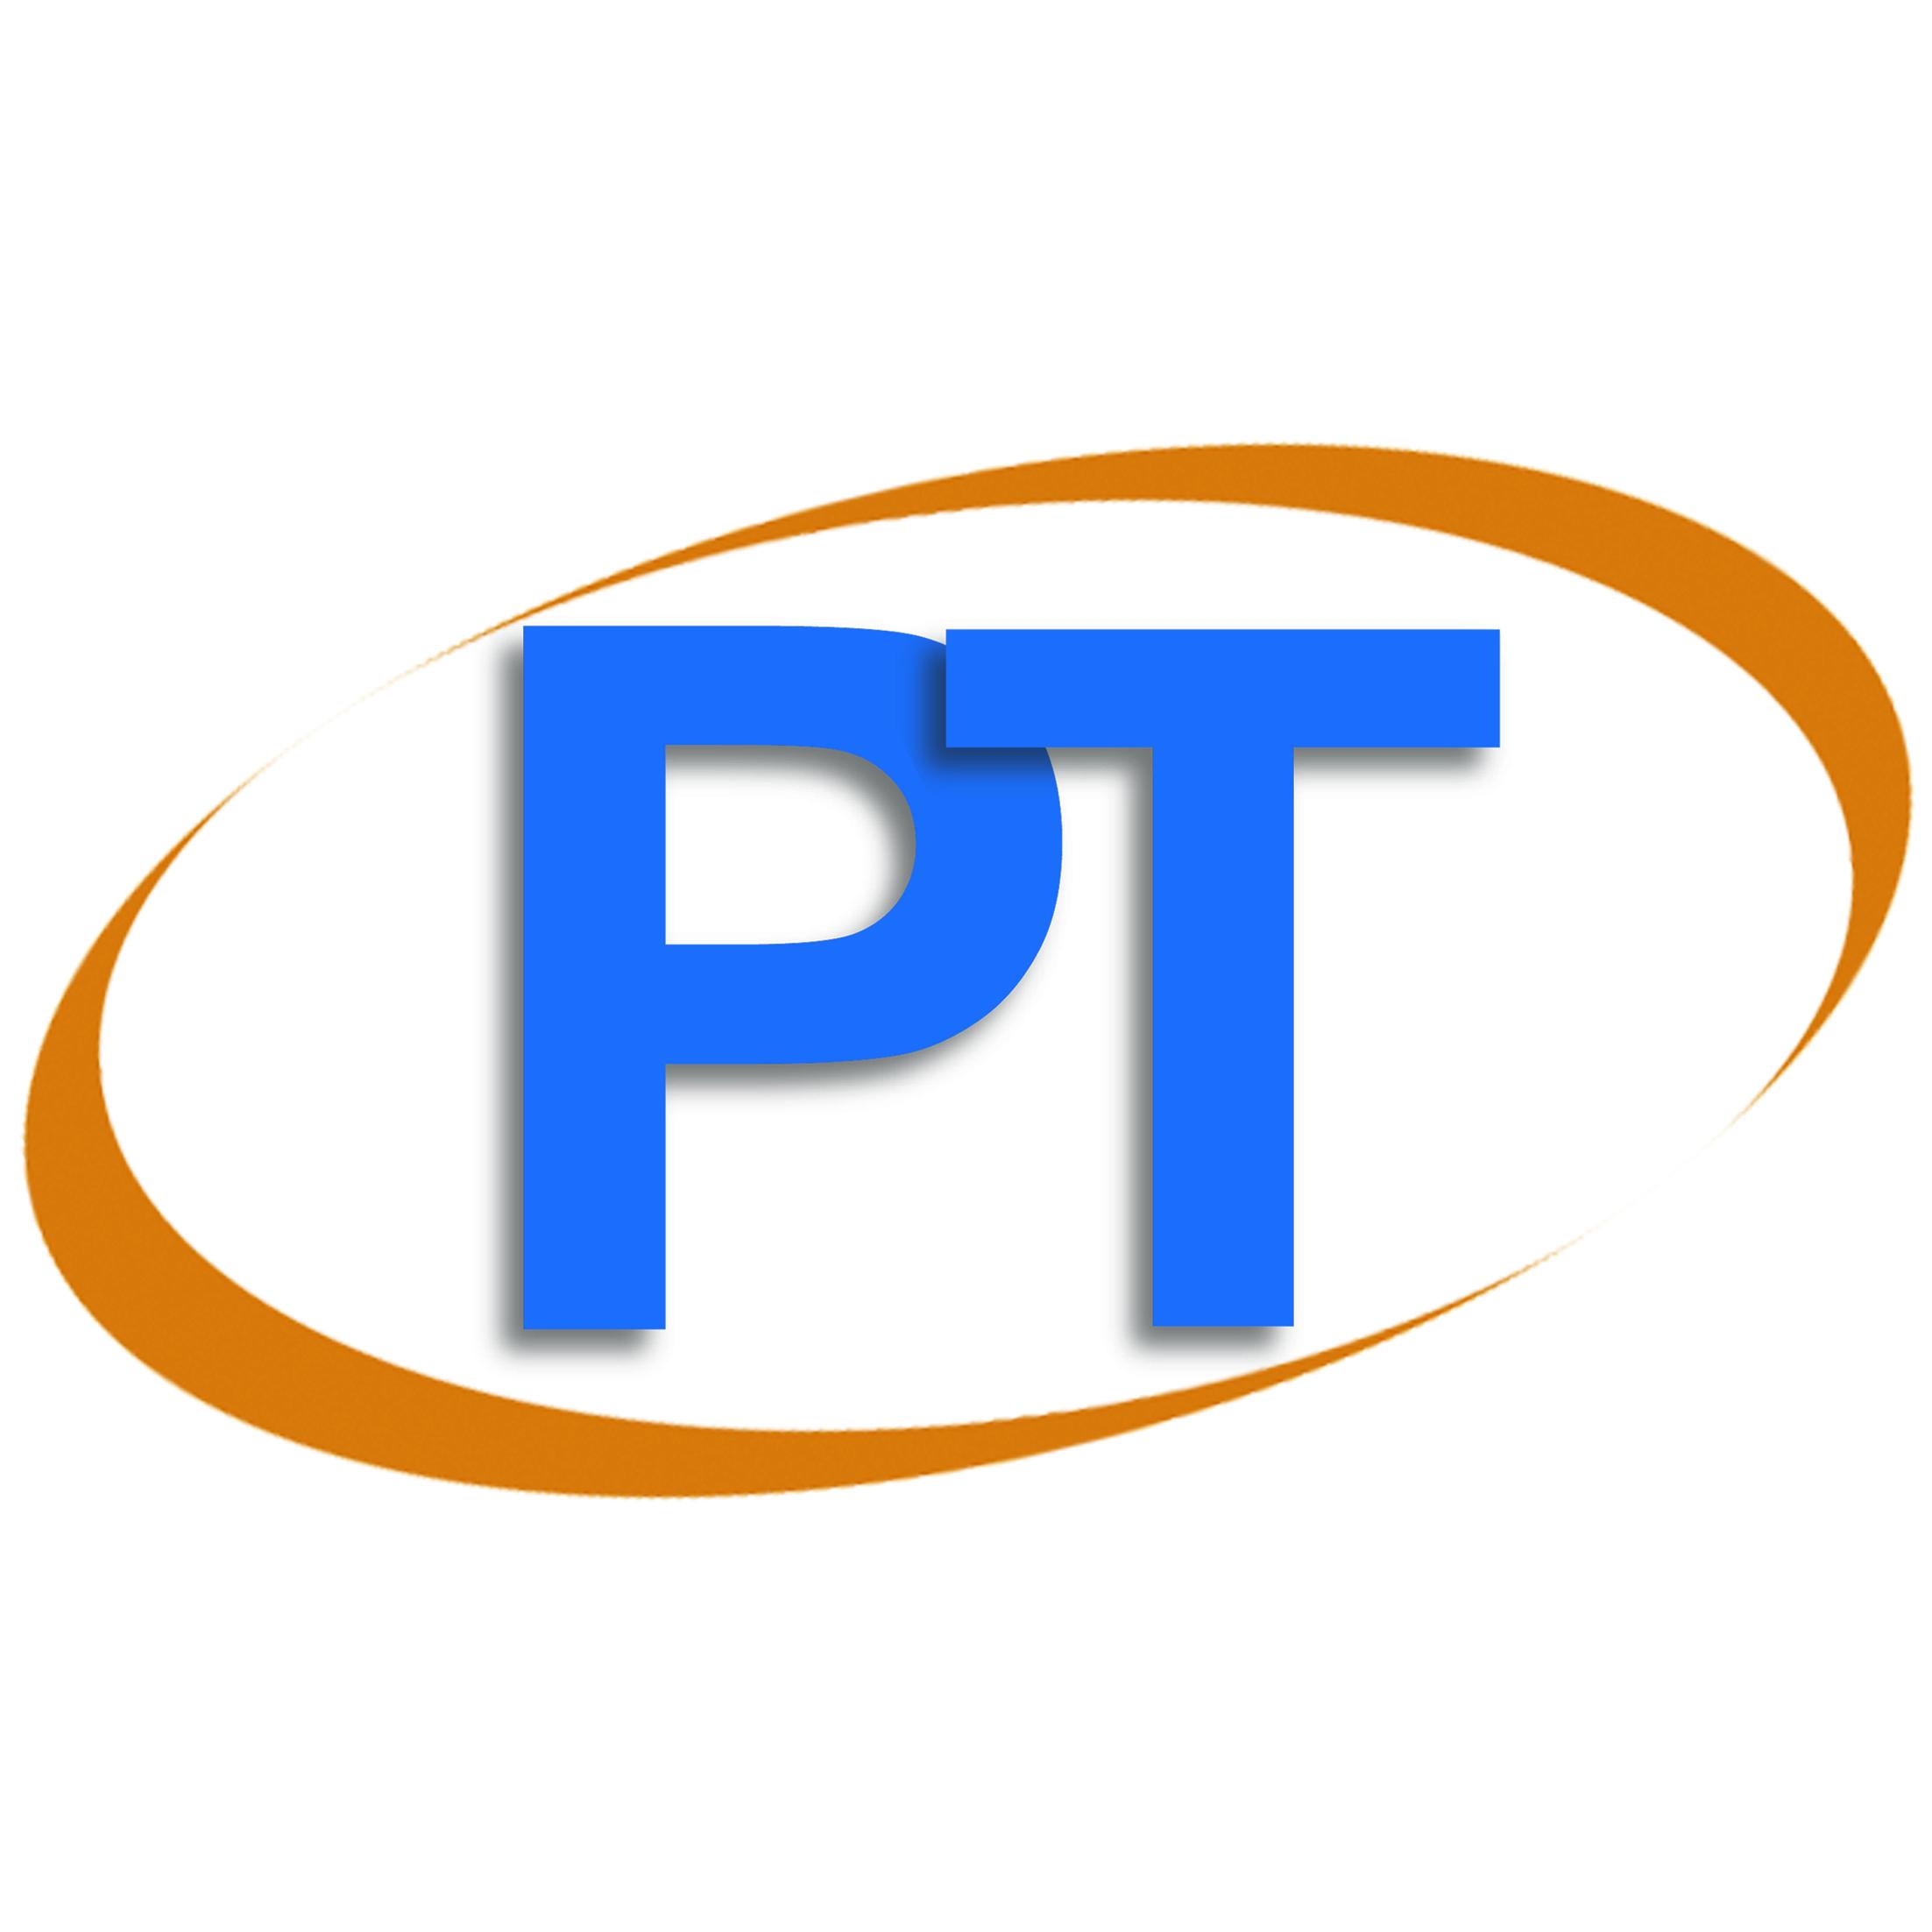 Công ty TNHH công nghiệp PT Việt Nam